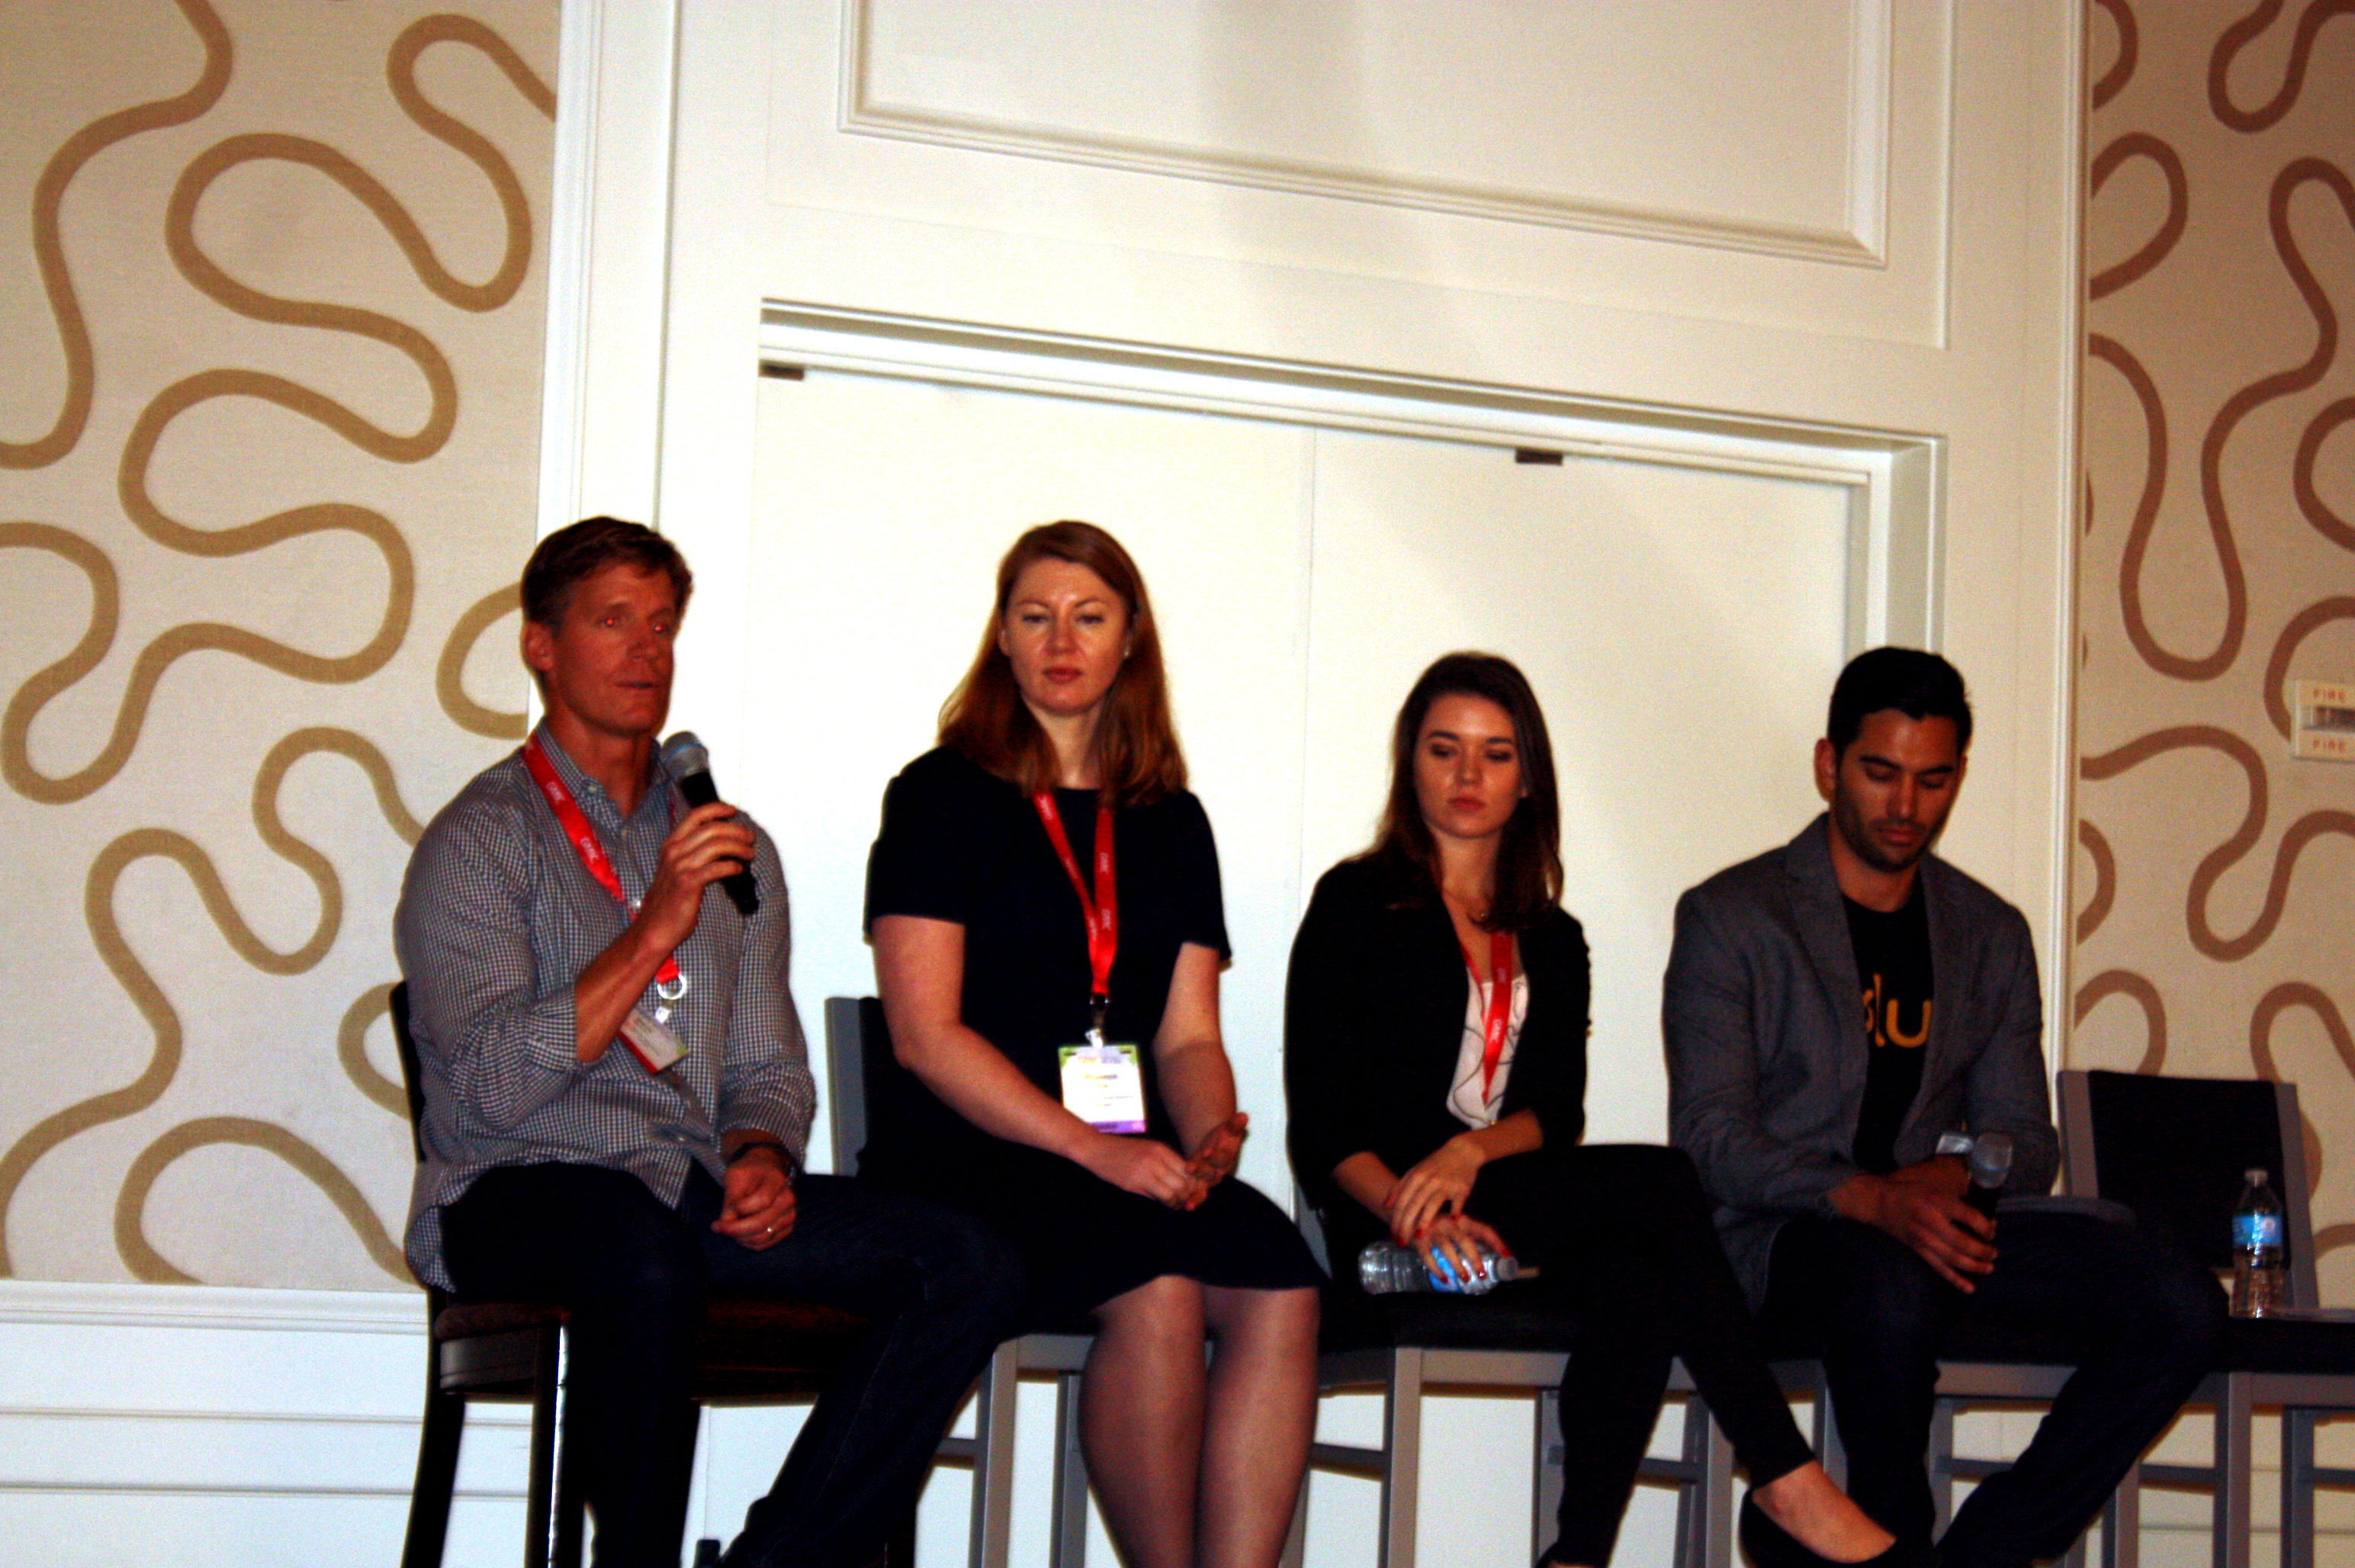 Dave Madden of EA (far left),  Rhiannon White of Shazam, Ashley Higgins of Sega, and Christian Limon of Glu Mobile.